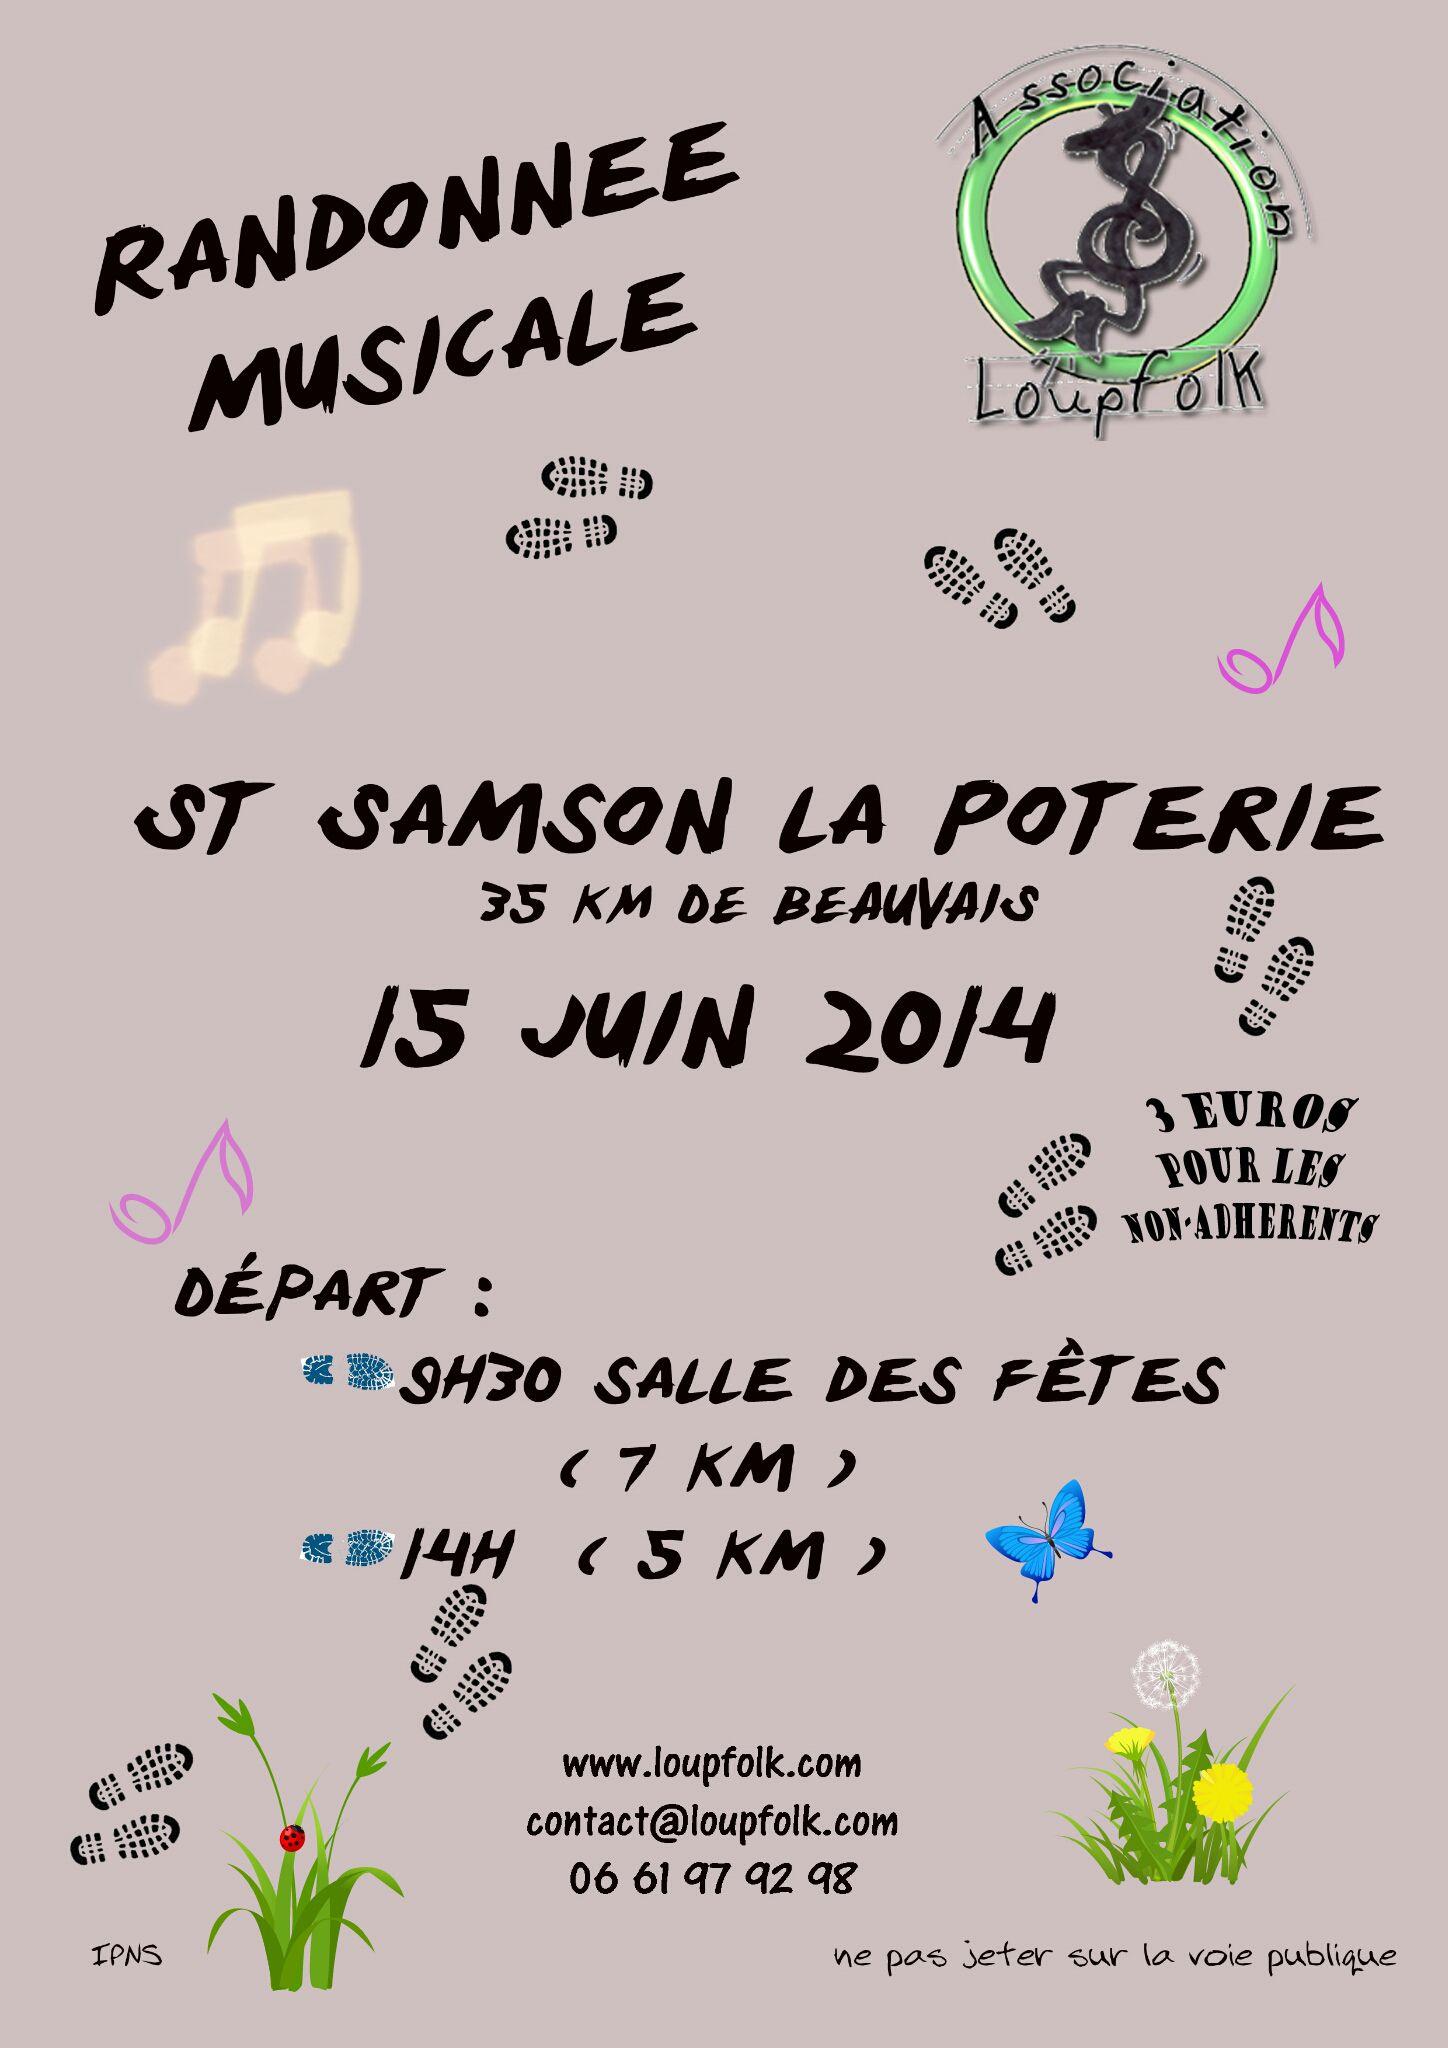 Affiche Autre randonnée trad musicale et chantée à Saint-Samson-la-Poterie